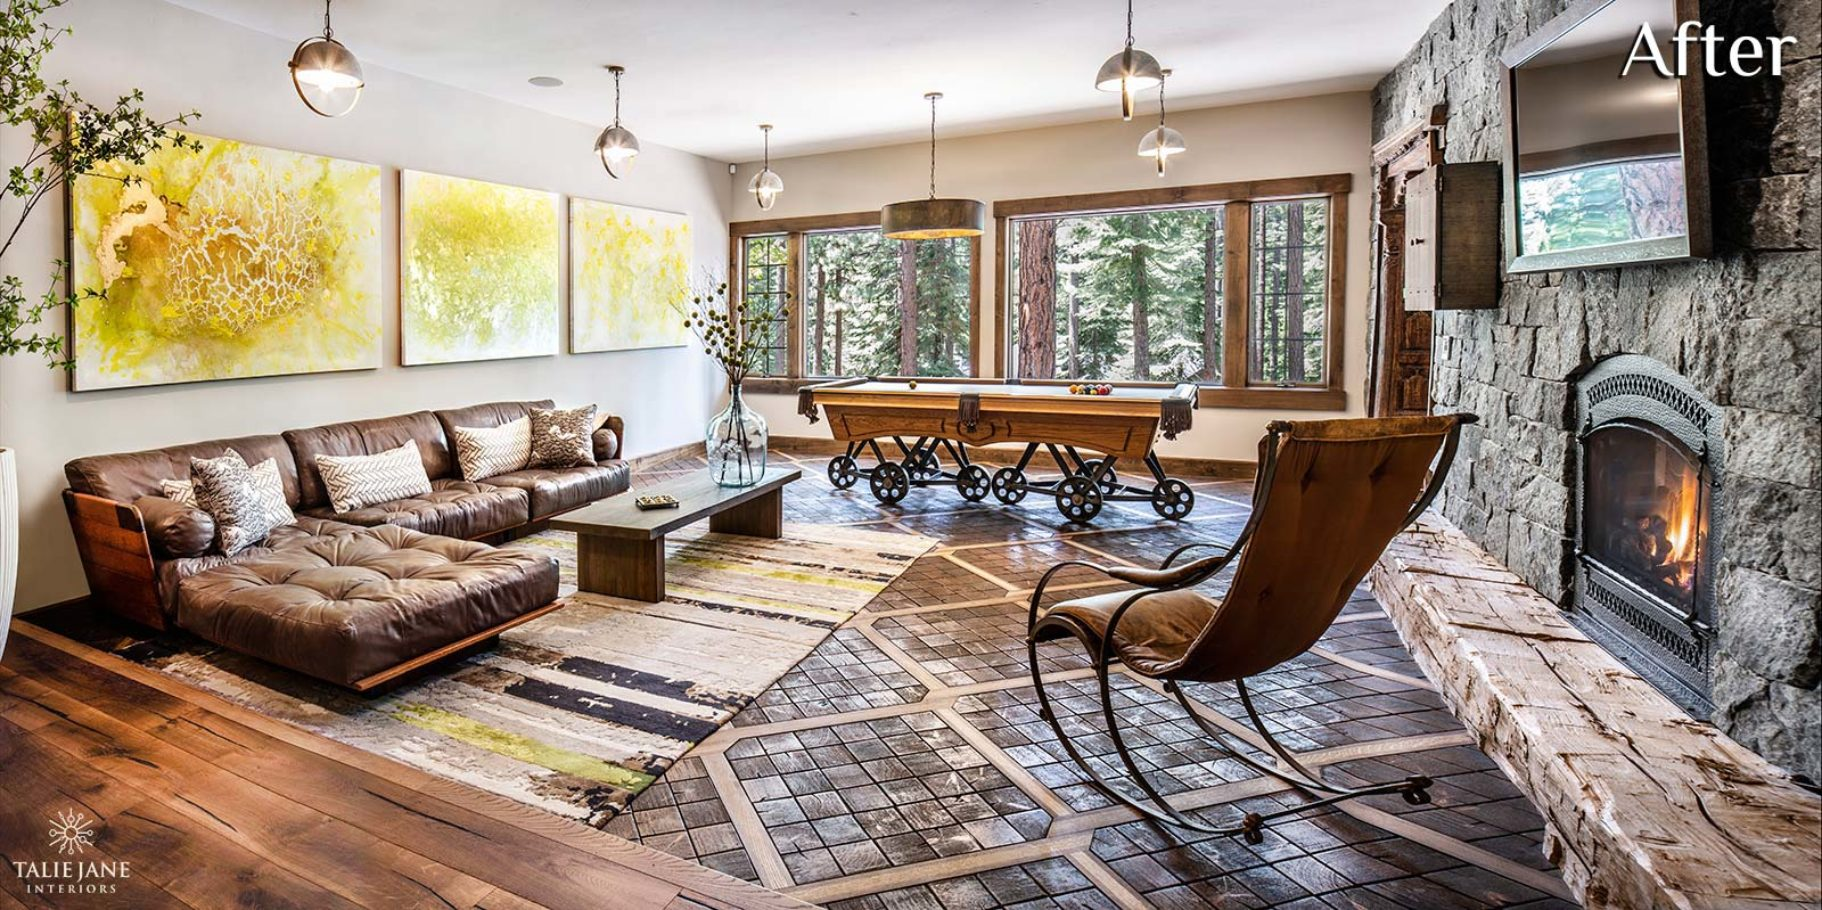 Game Room interior design - Talie Jane Interiors